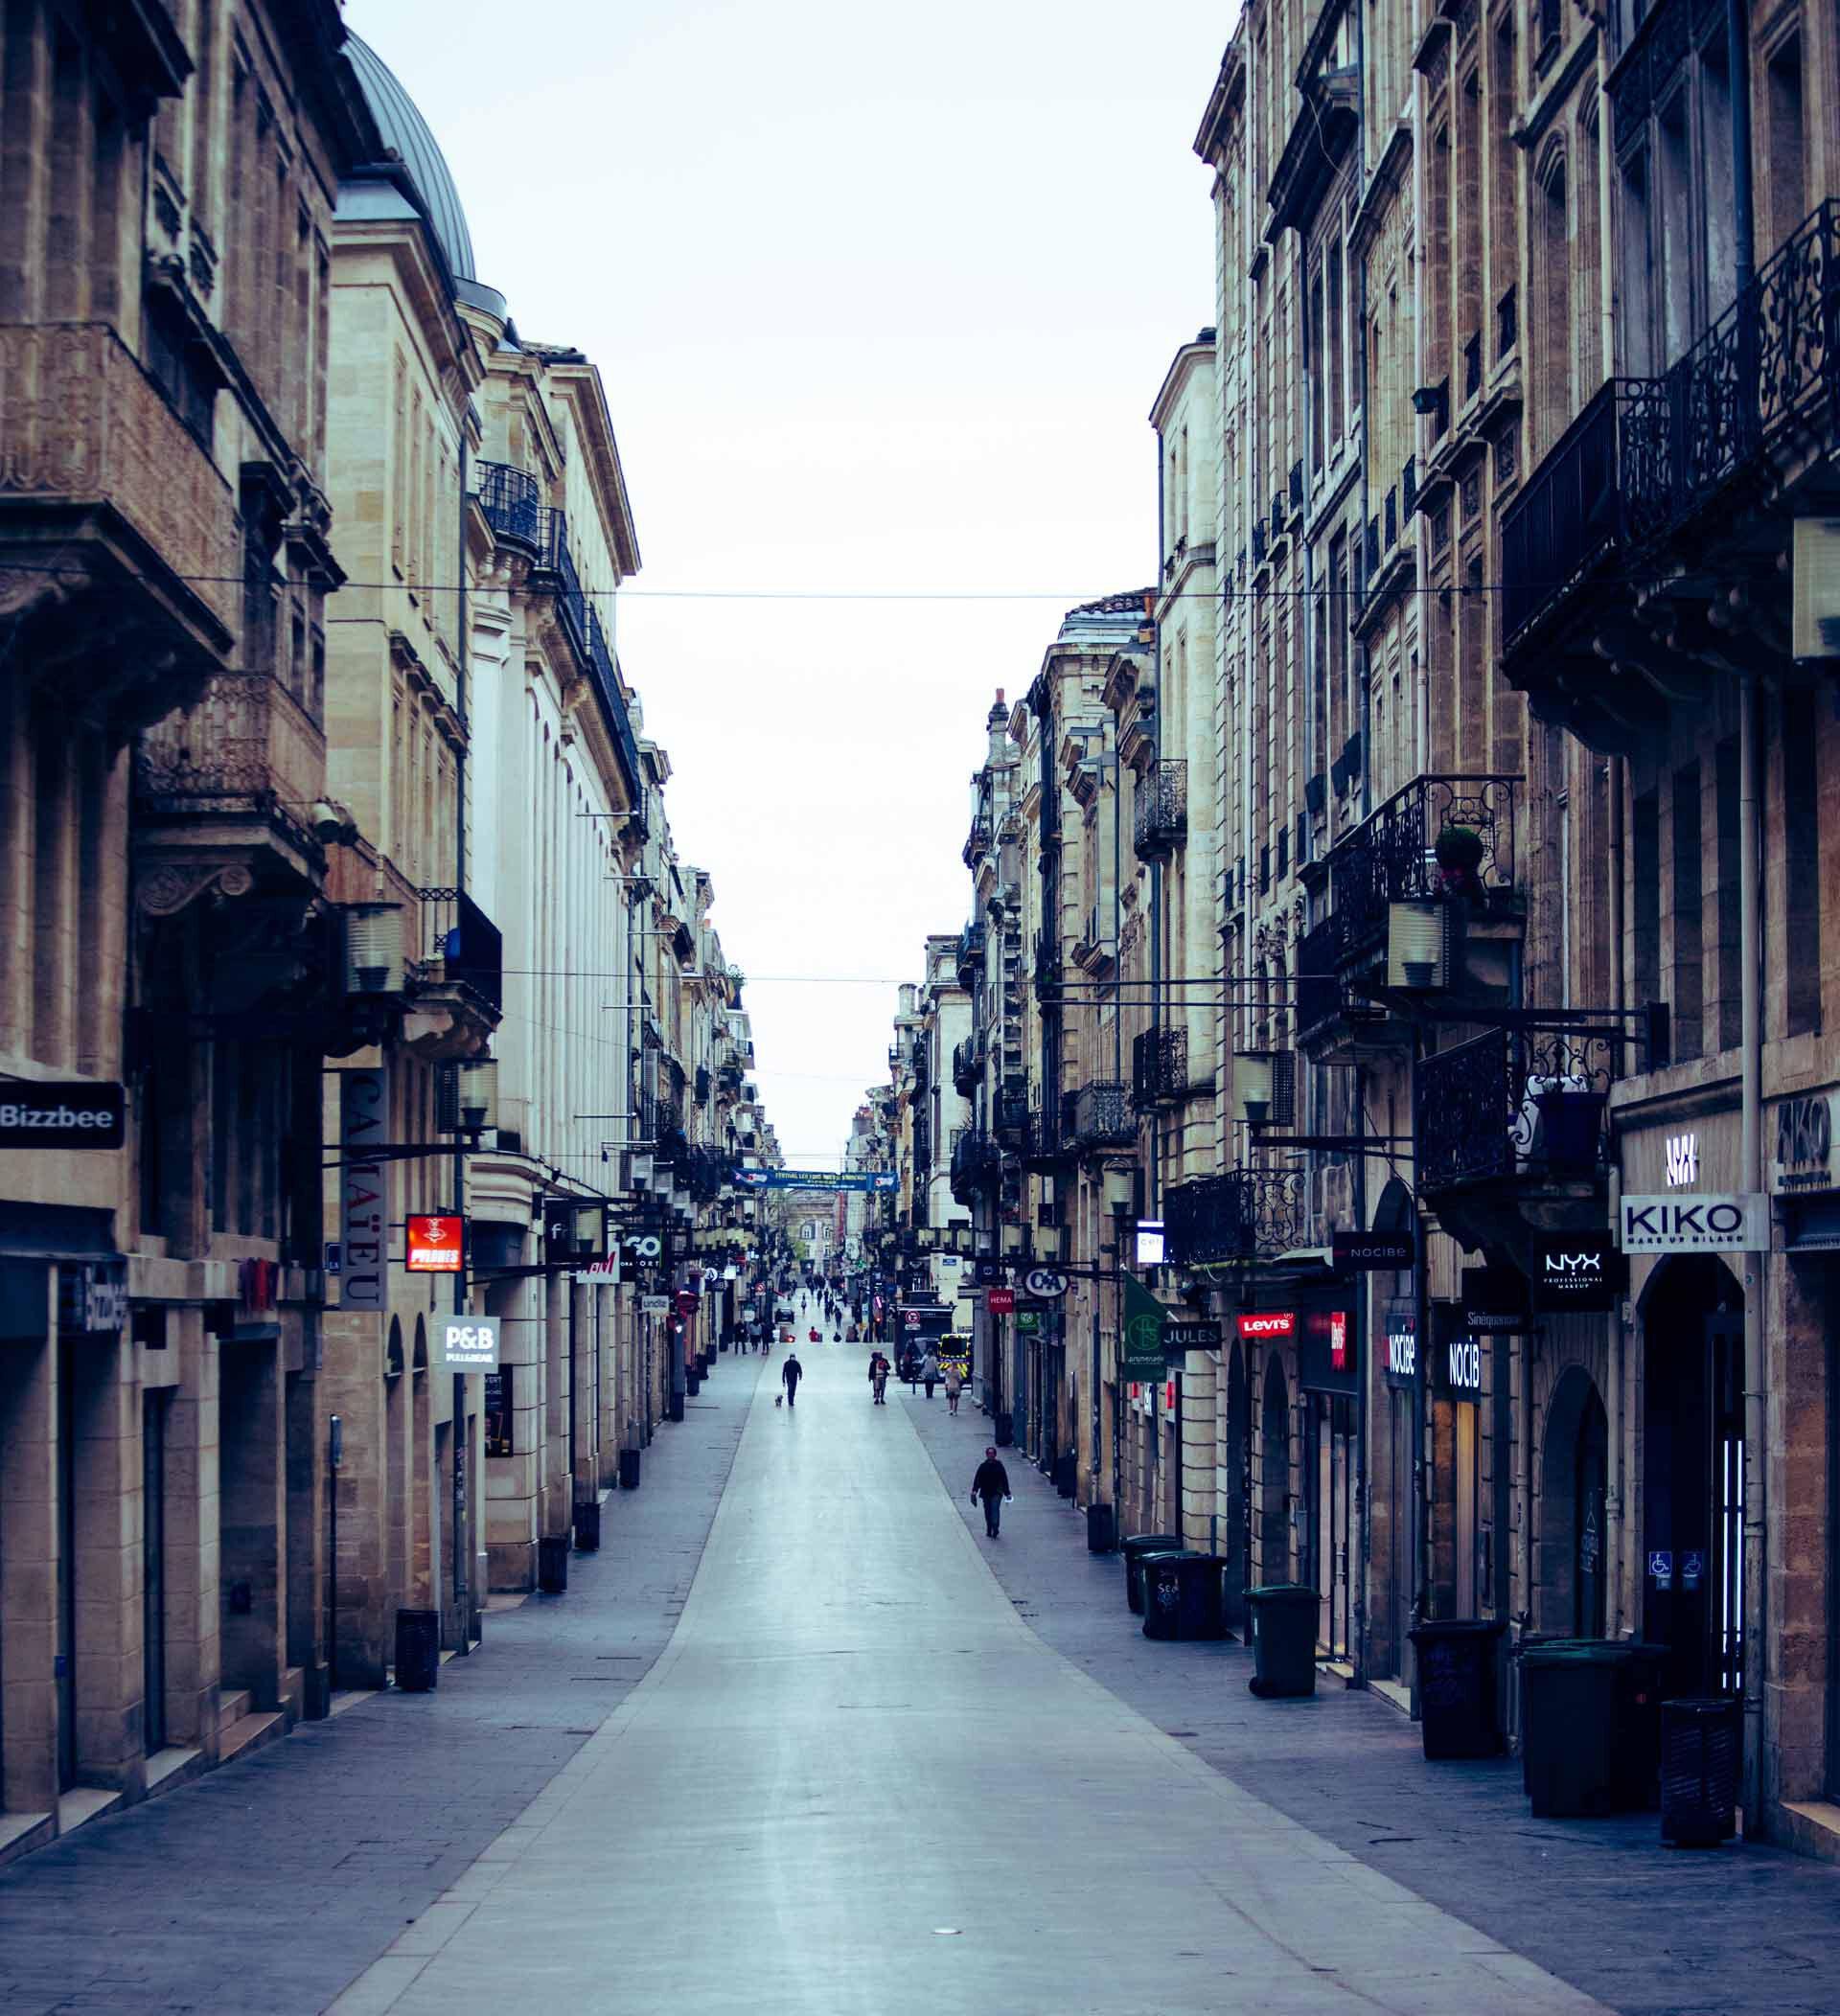 Les boutiques de la rue Sainte-Catherine sont fermées. La rue est déserte.